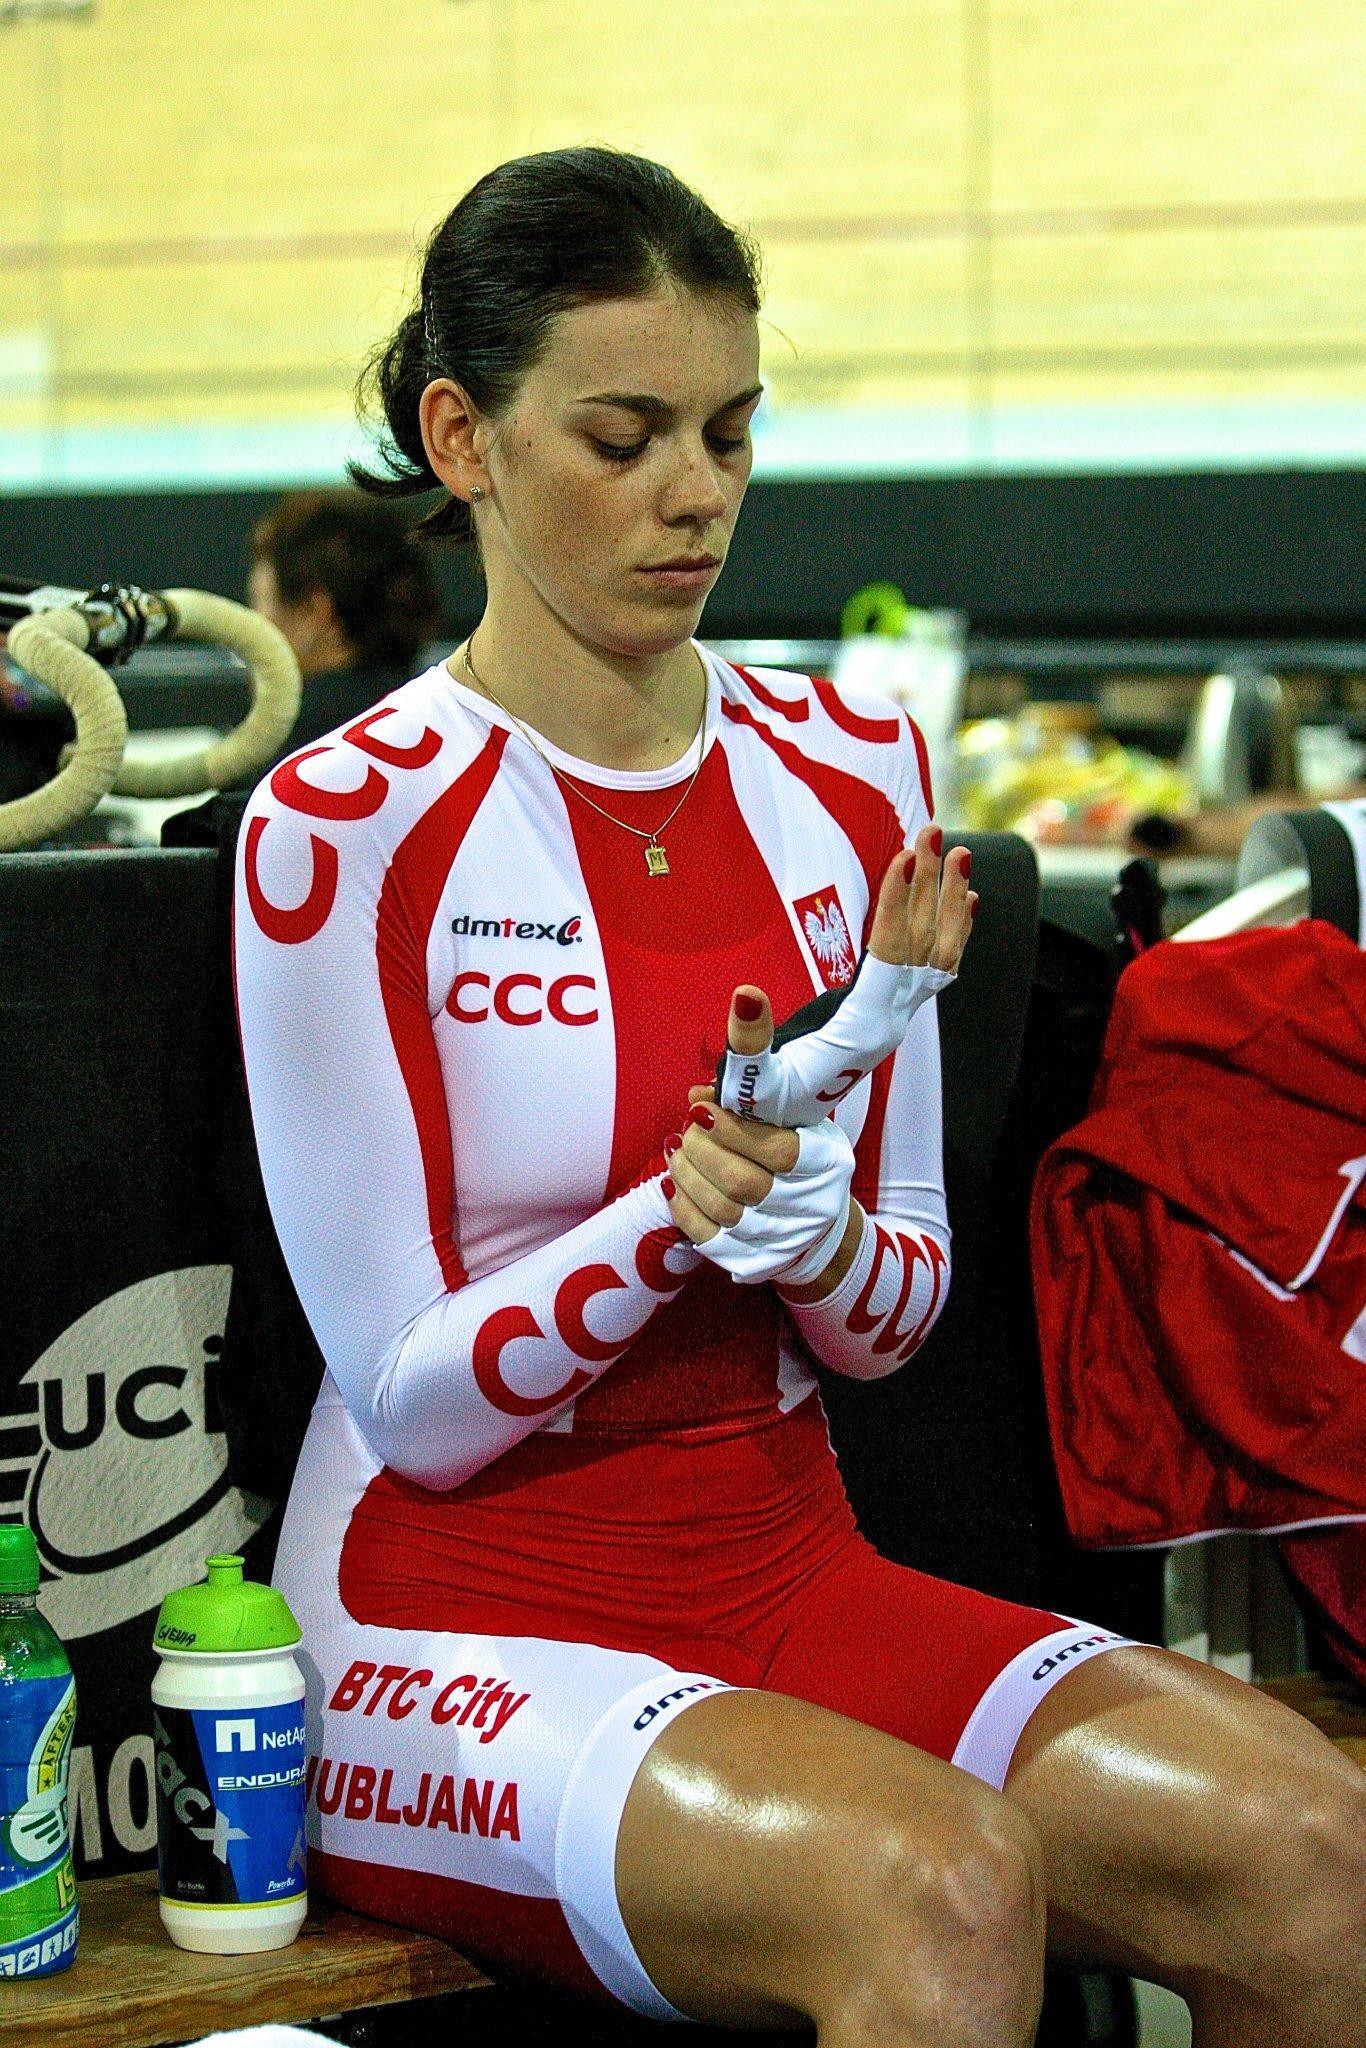 Eugenia Bujak